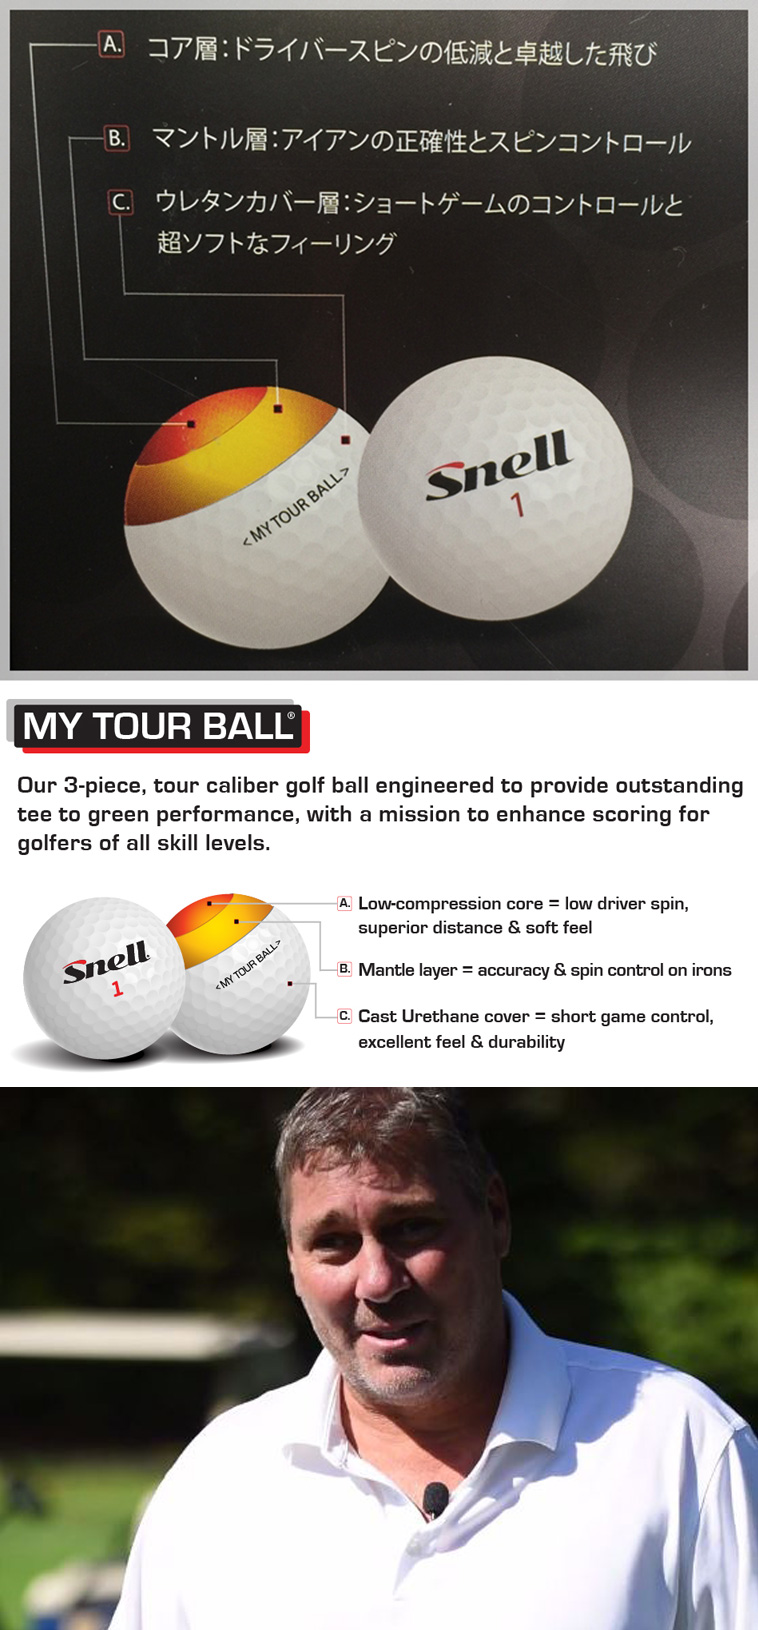 マイツアーボール